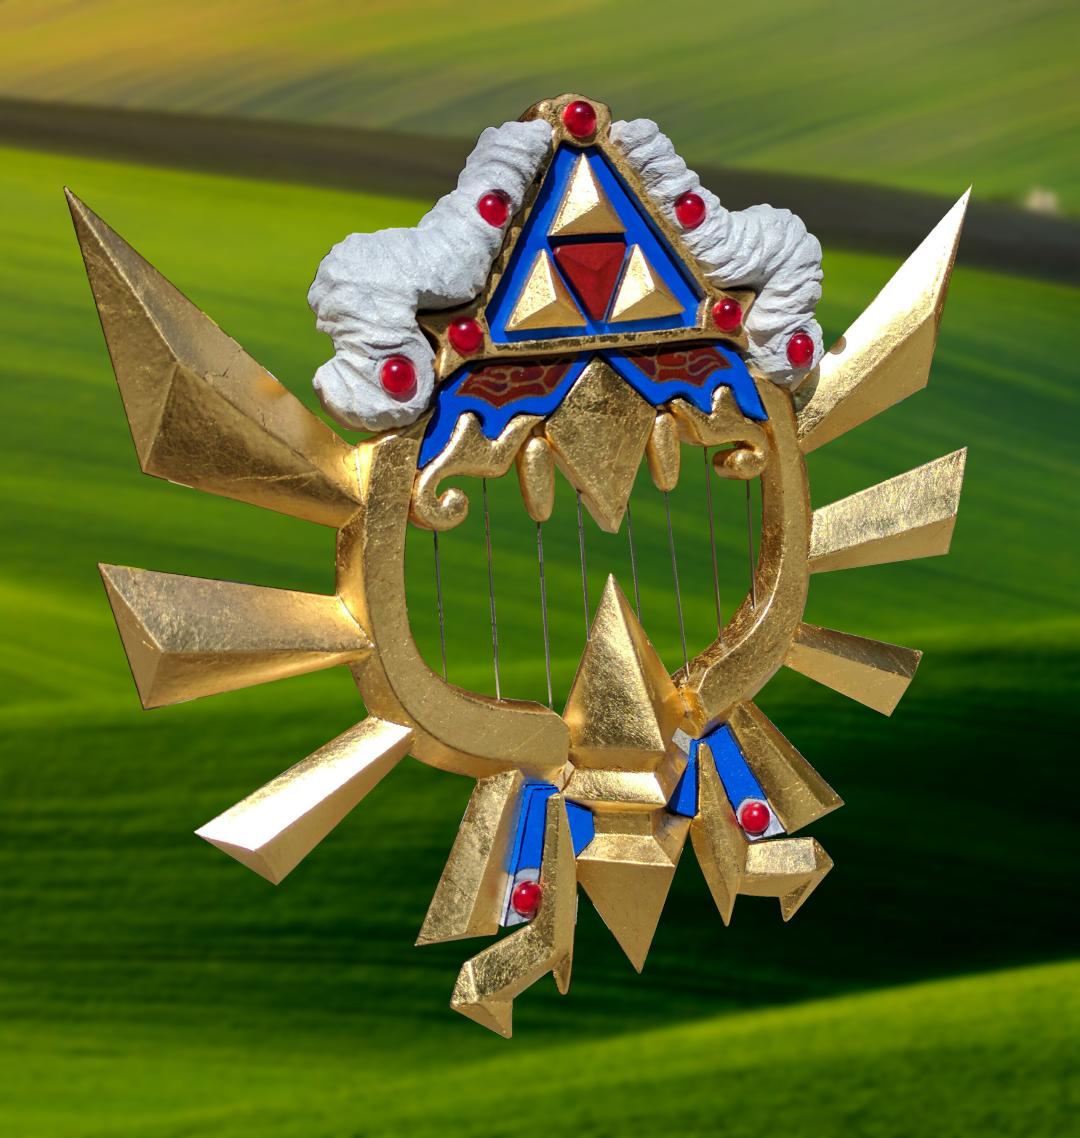 Sheik's Harp, Cosplay Character, Hyrule Warrior, Legend of Zelda